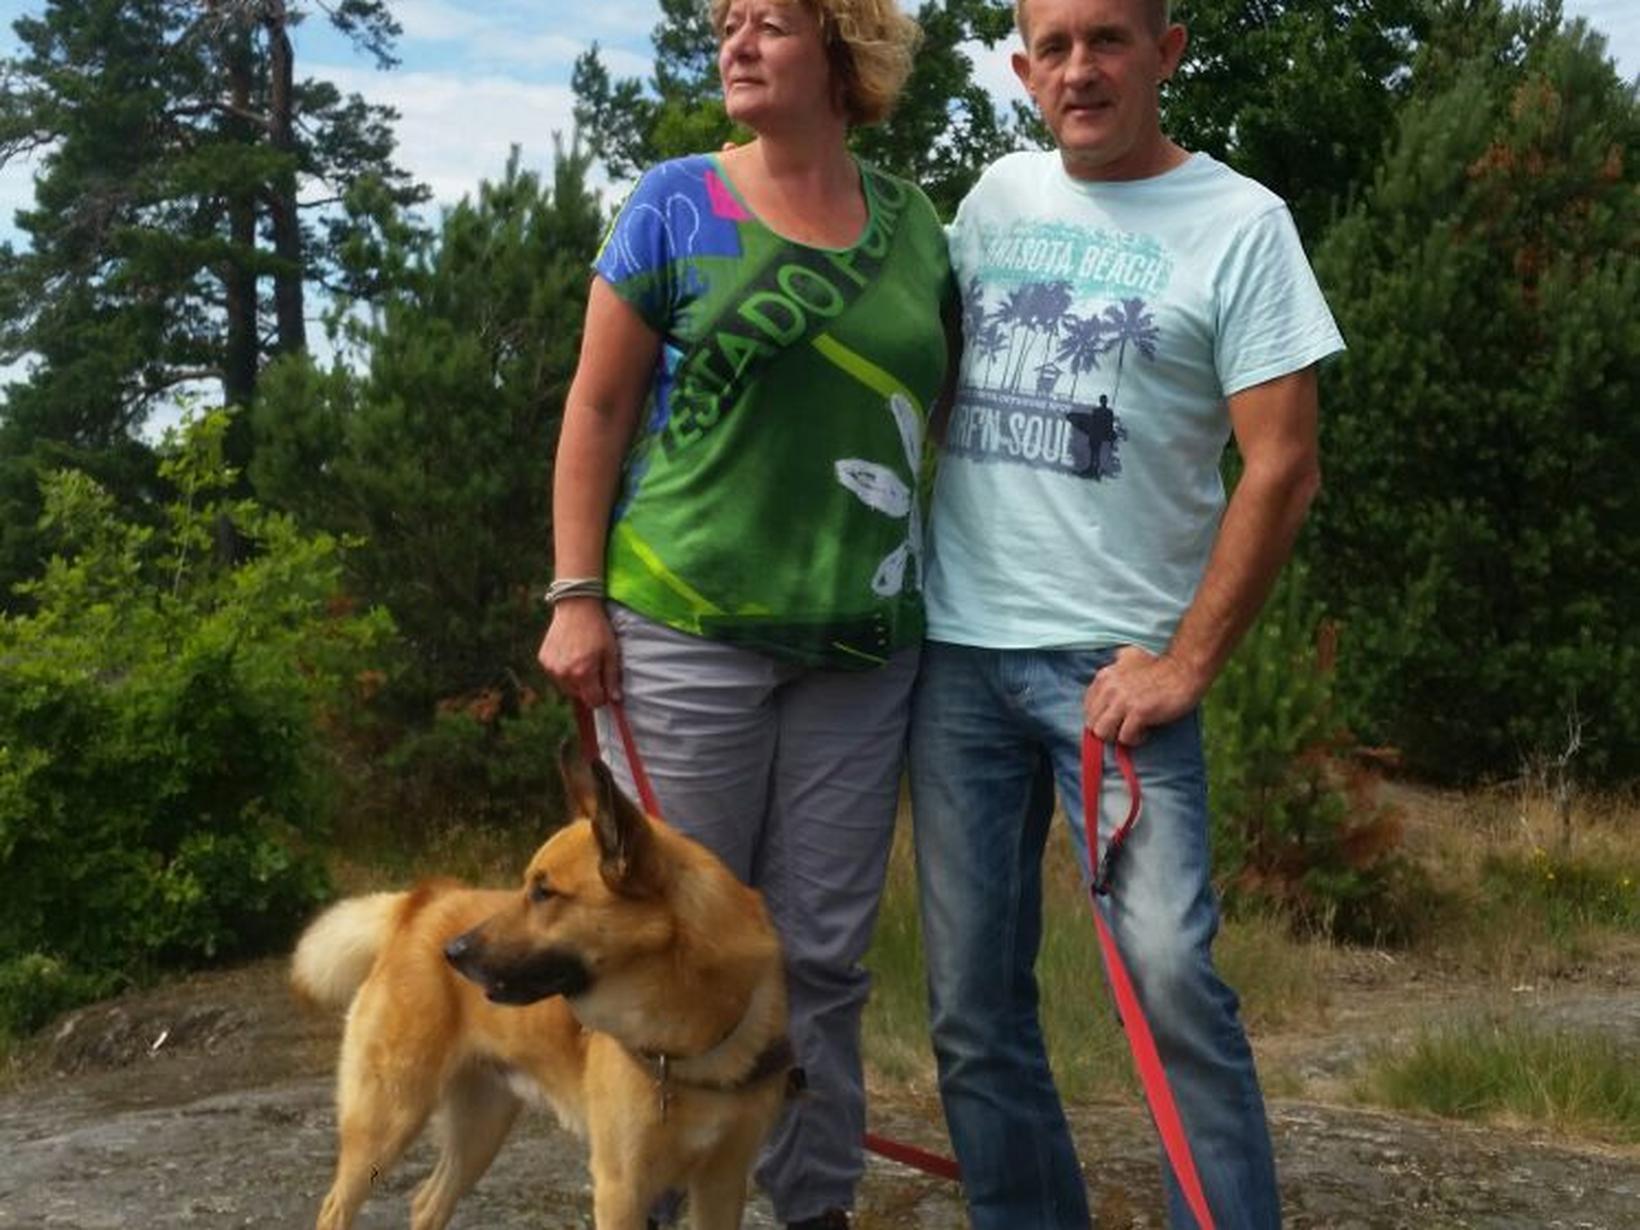 Lizette & John from Nijmegen, Netherlands